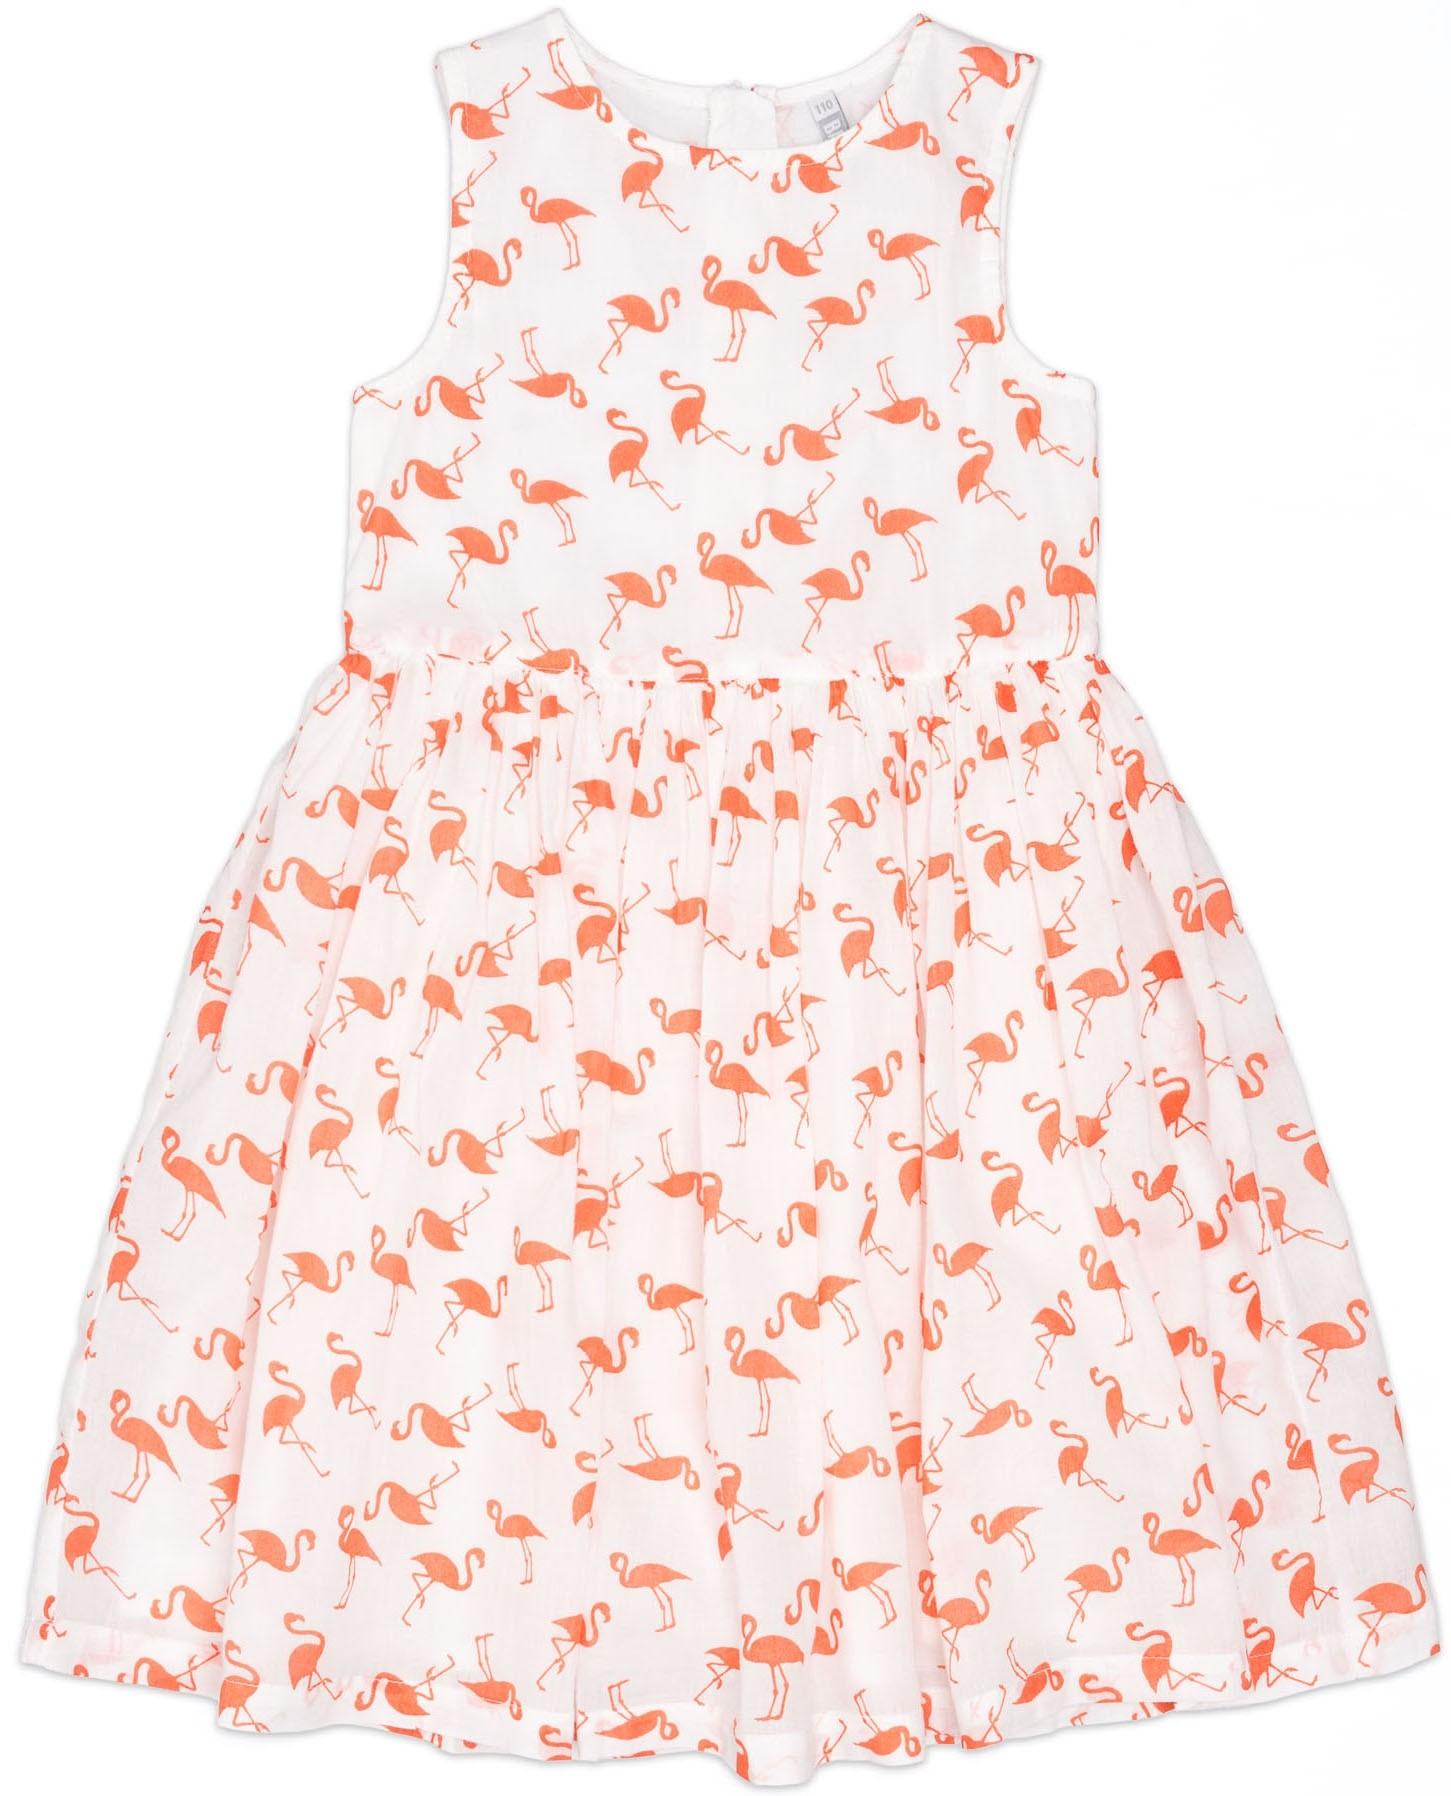 Платье без рукавов Barkito Фламинго 734014 X001 75 платья barkito платье без рукавов barkito алоха гавайи белое